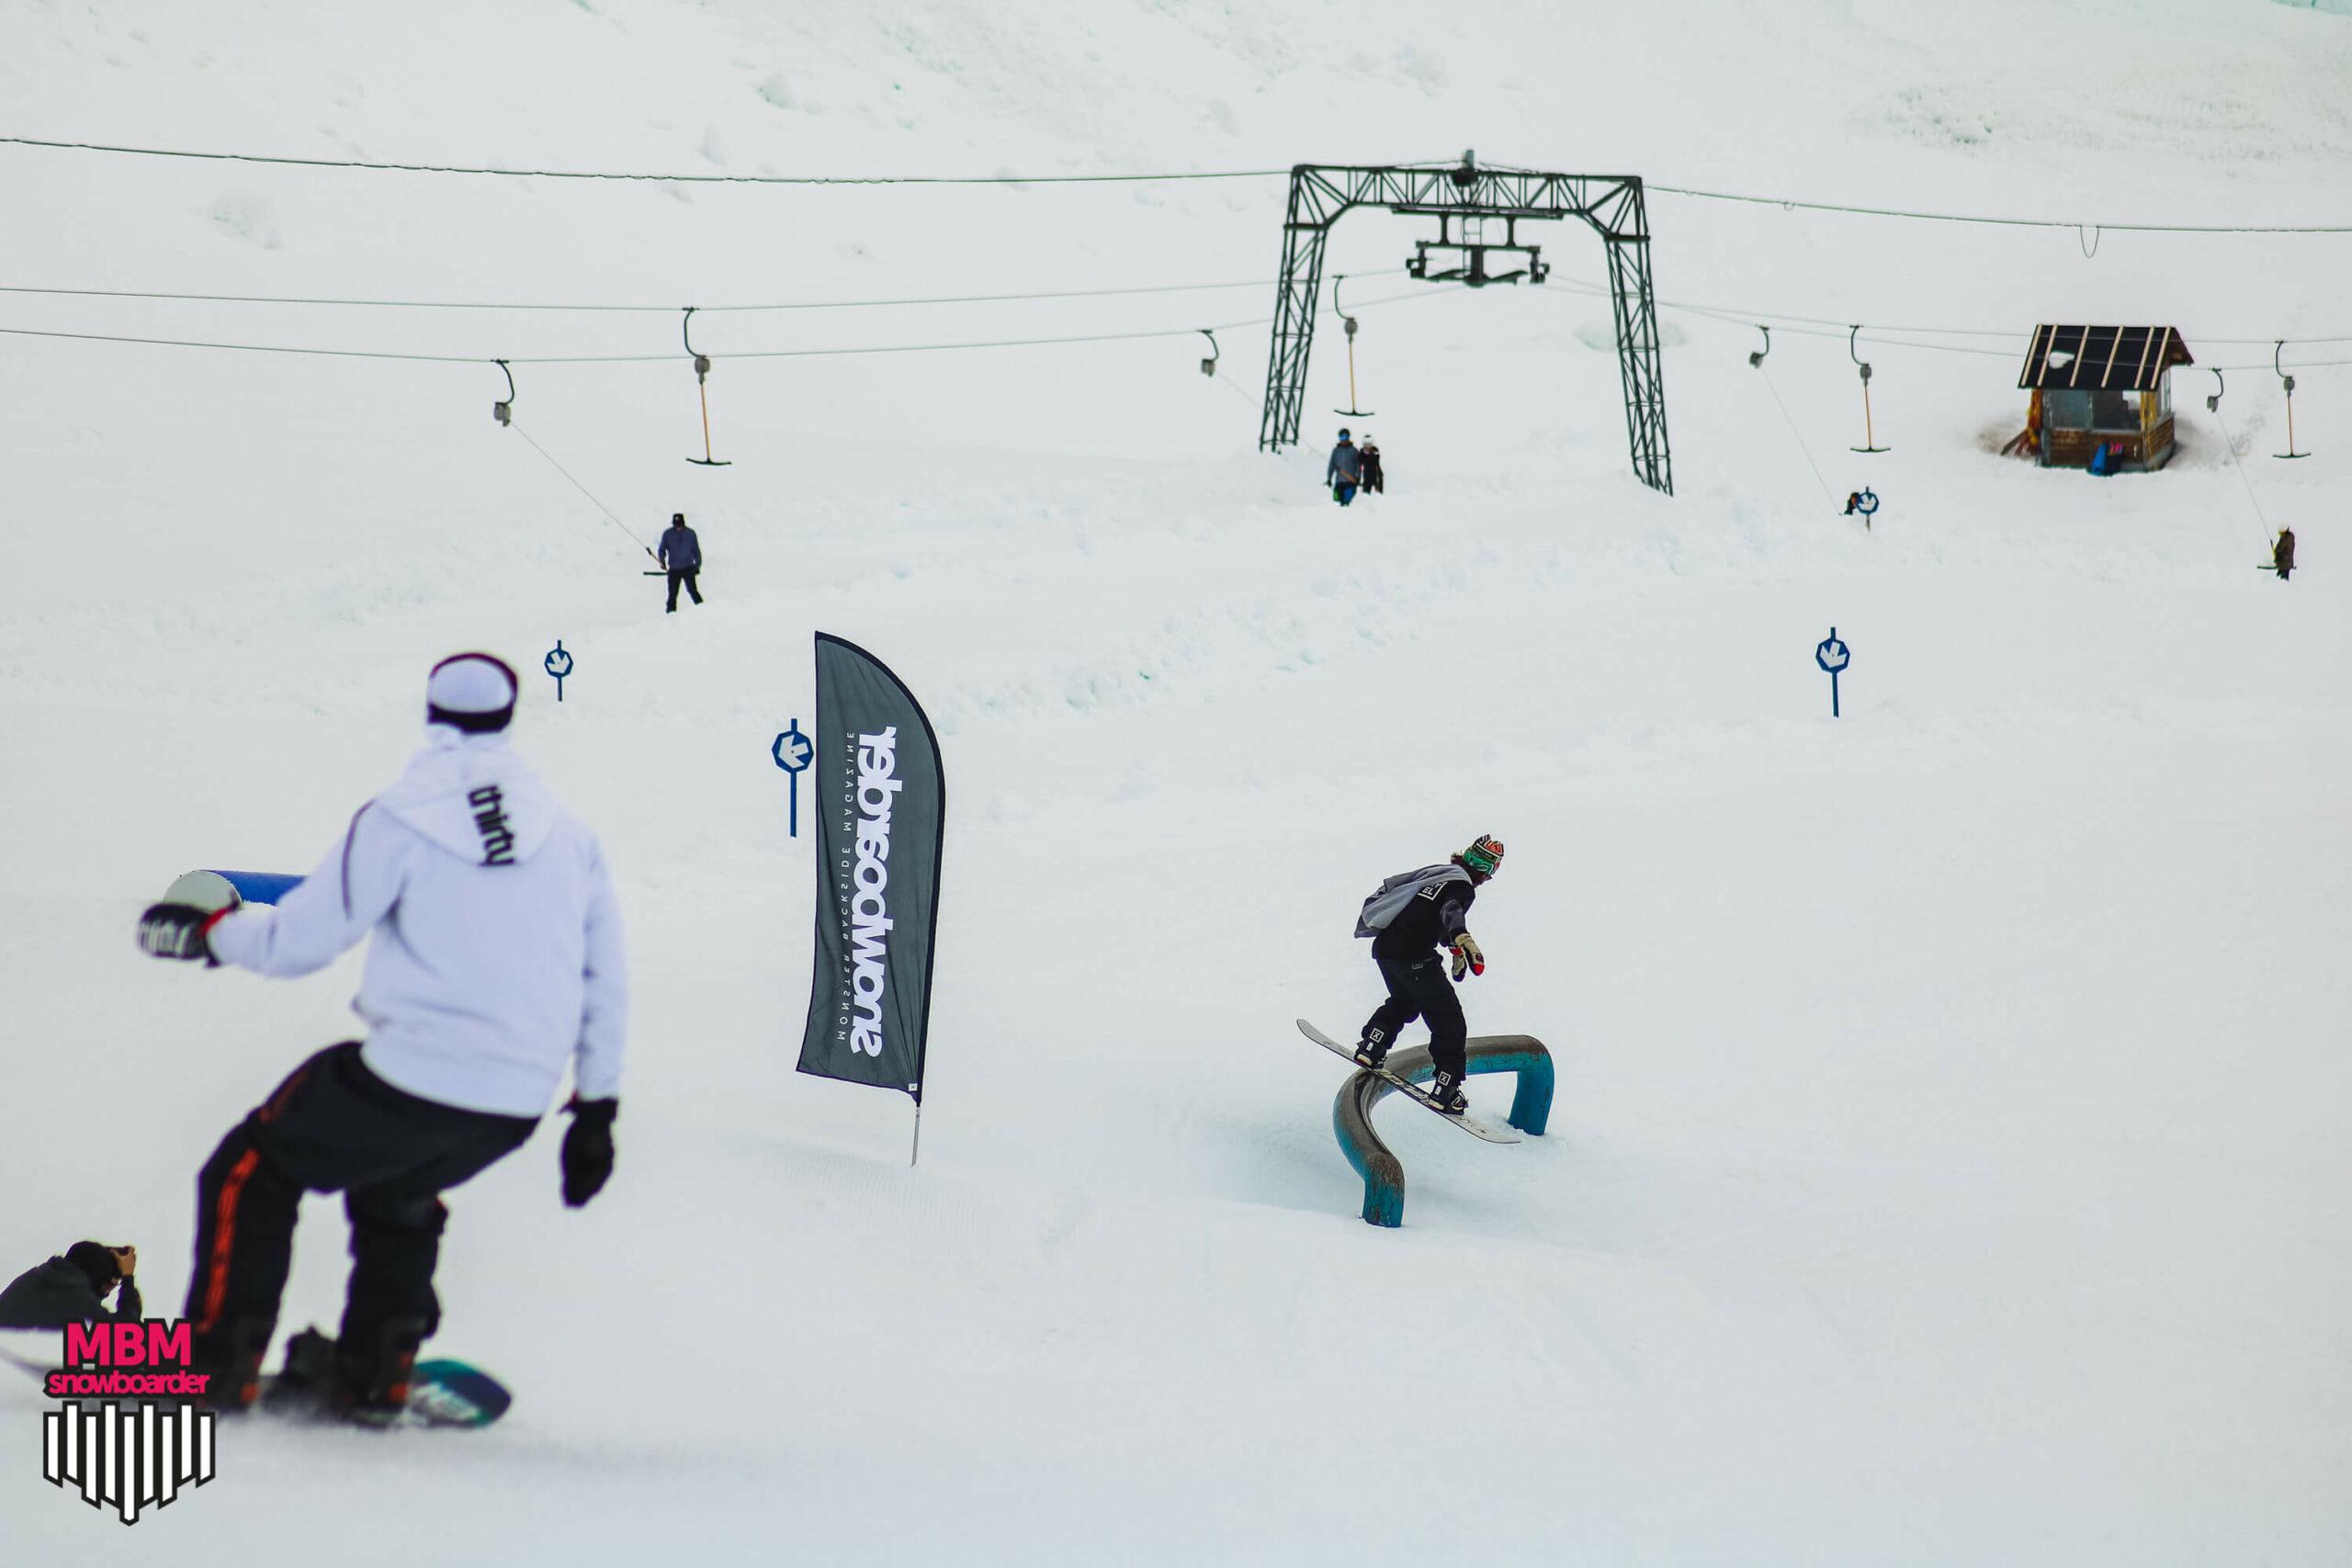 snowboarderMBM_sd_kaunertal_019